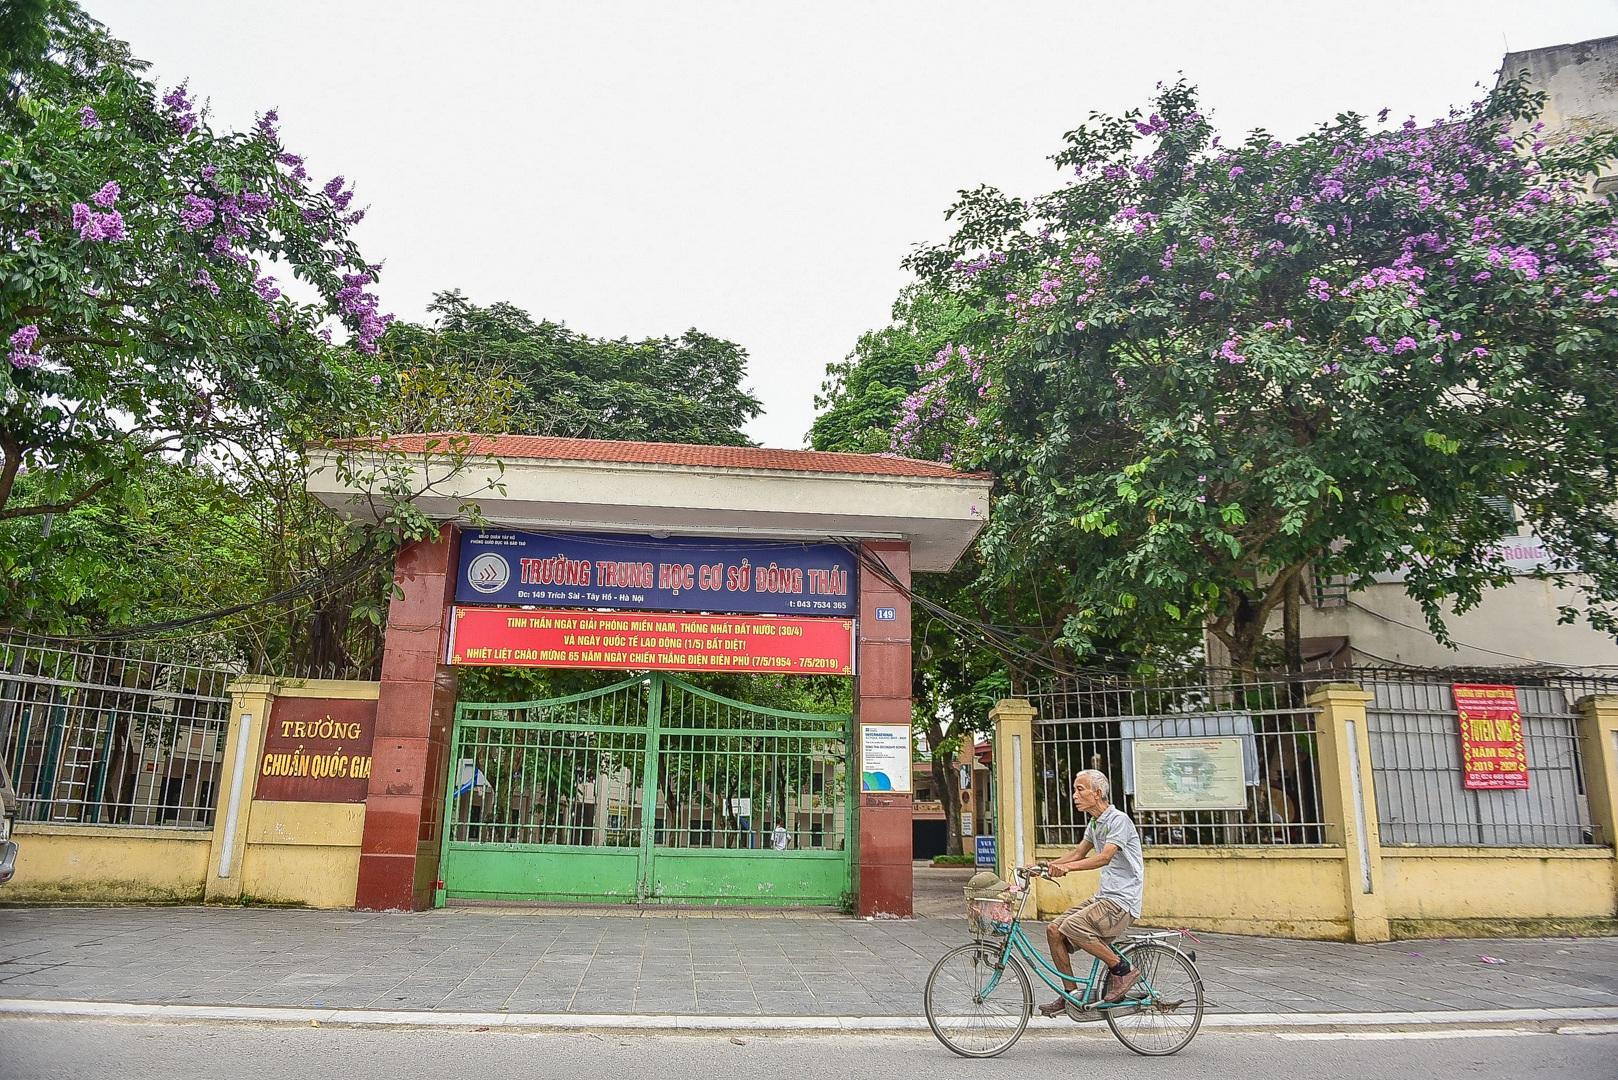 Hoa bằng lăng mộng mơ nhuộm tím đường phố Hà Nội - 13